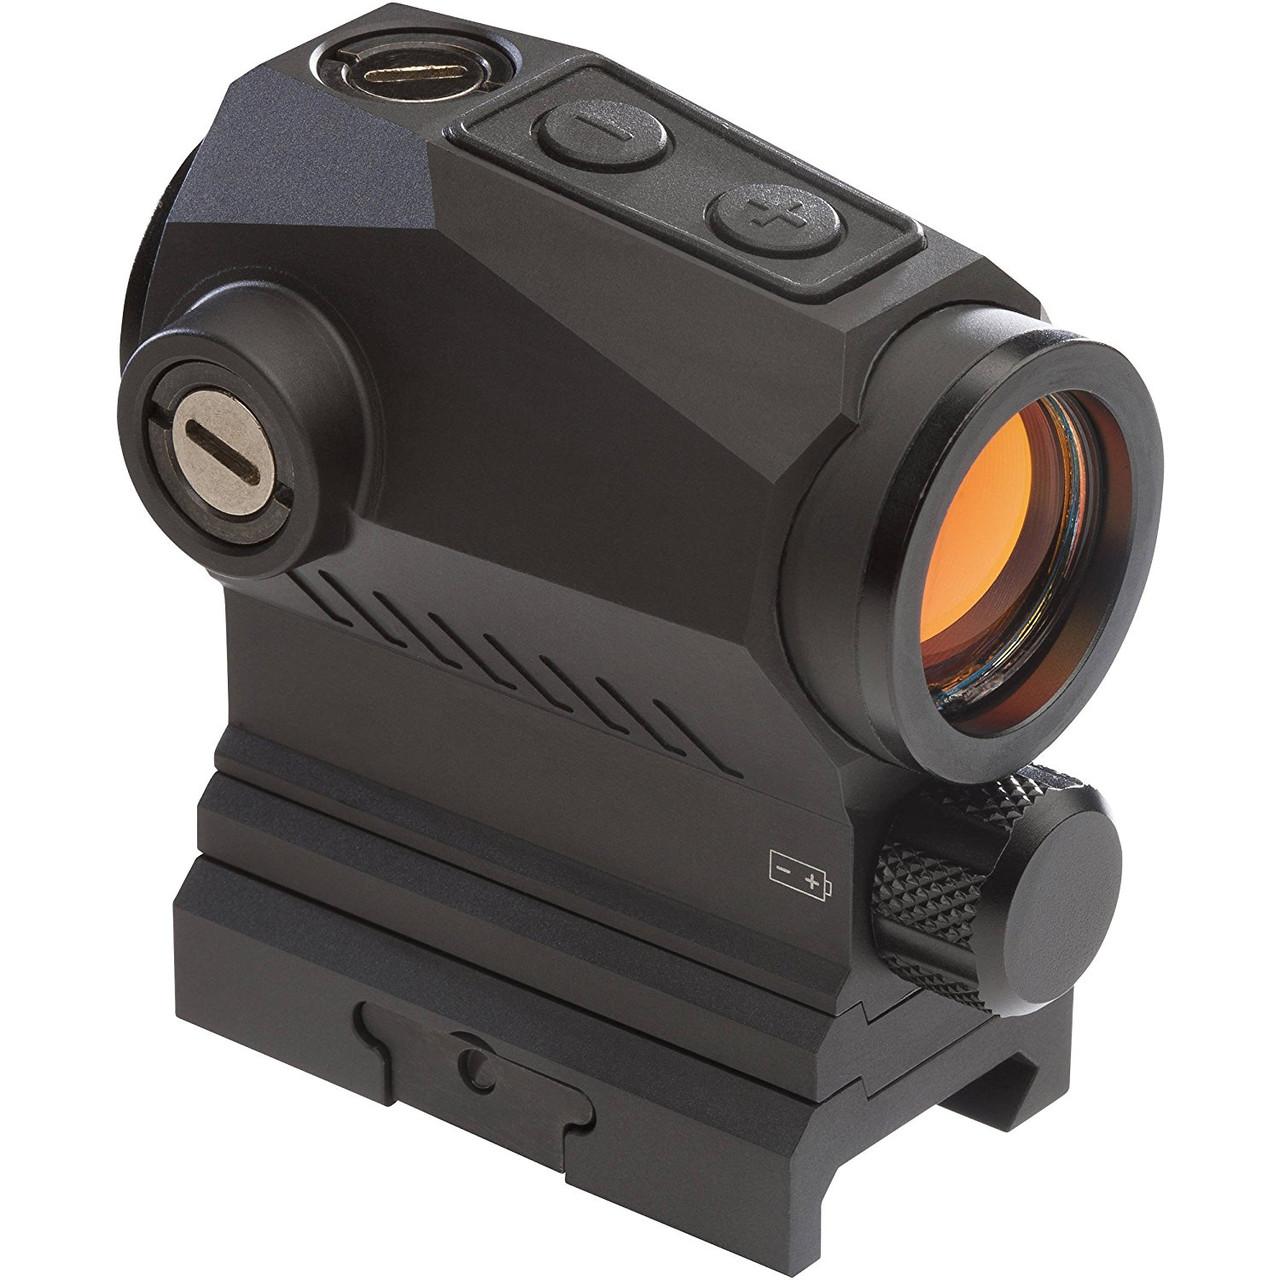 Sig Sauer Romeo 5XDR 1x20mm 2 MOA Red Dot, 65 MOA Circle Dot - SOR52102